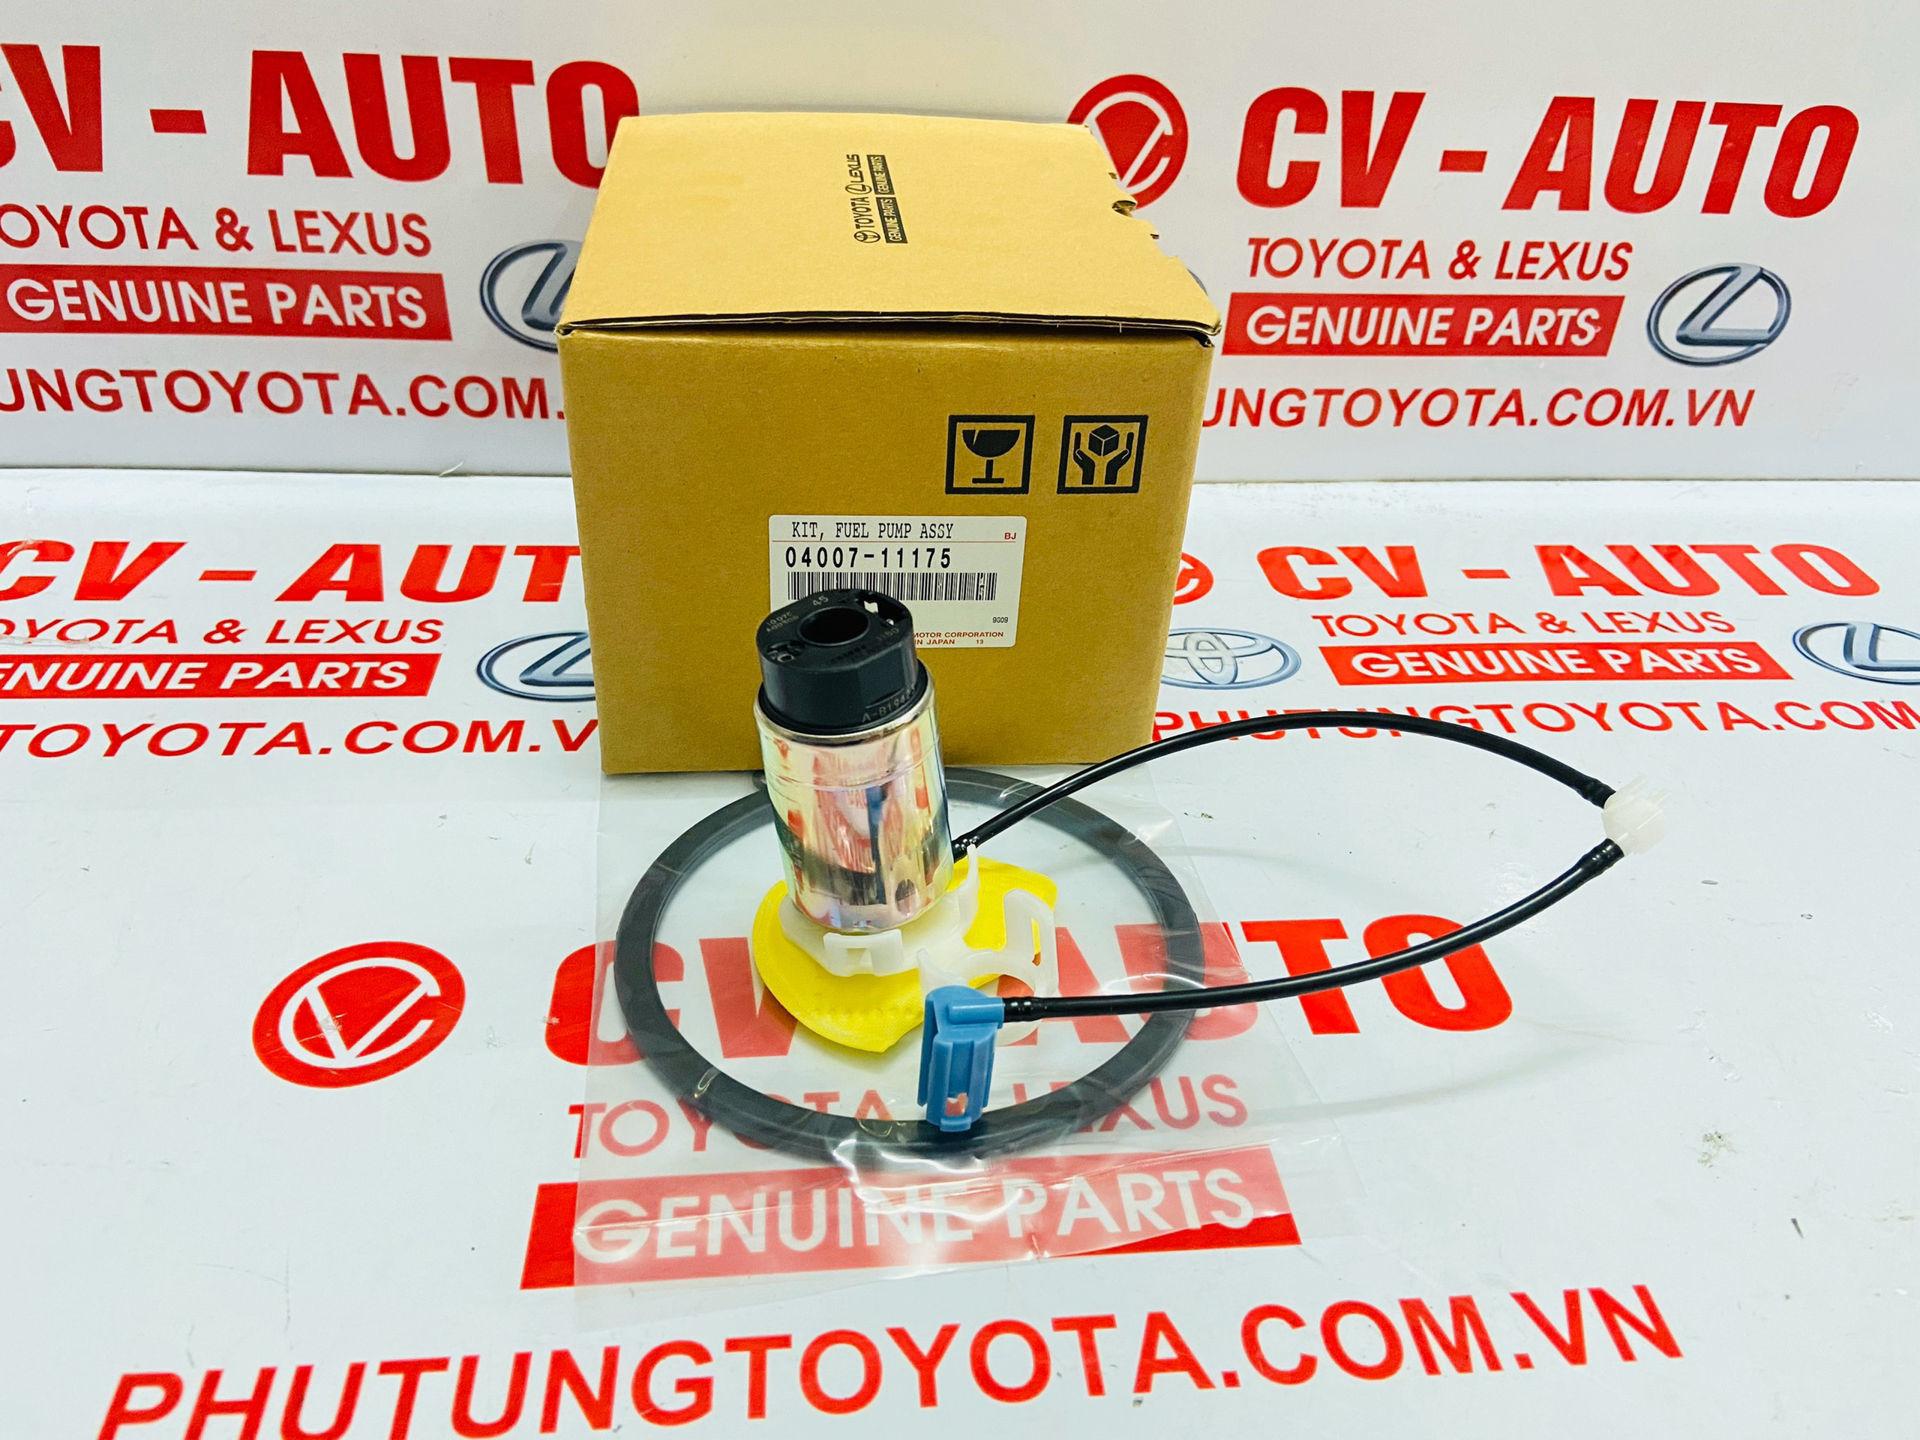 Picture of 04007-11175 Bơm xăng Toyota Lexus chính hãng